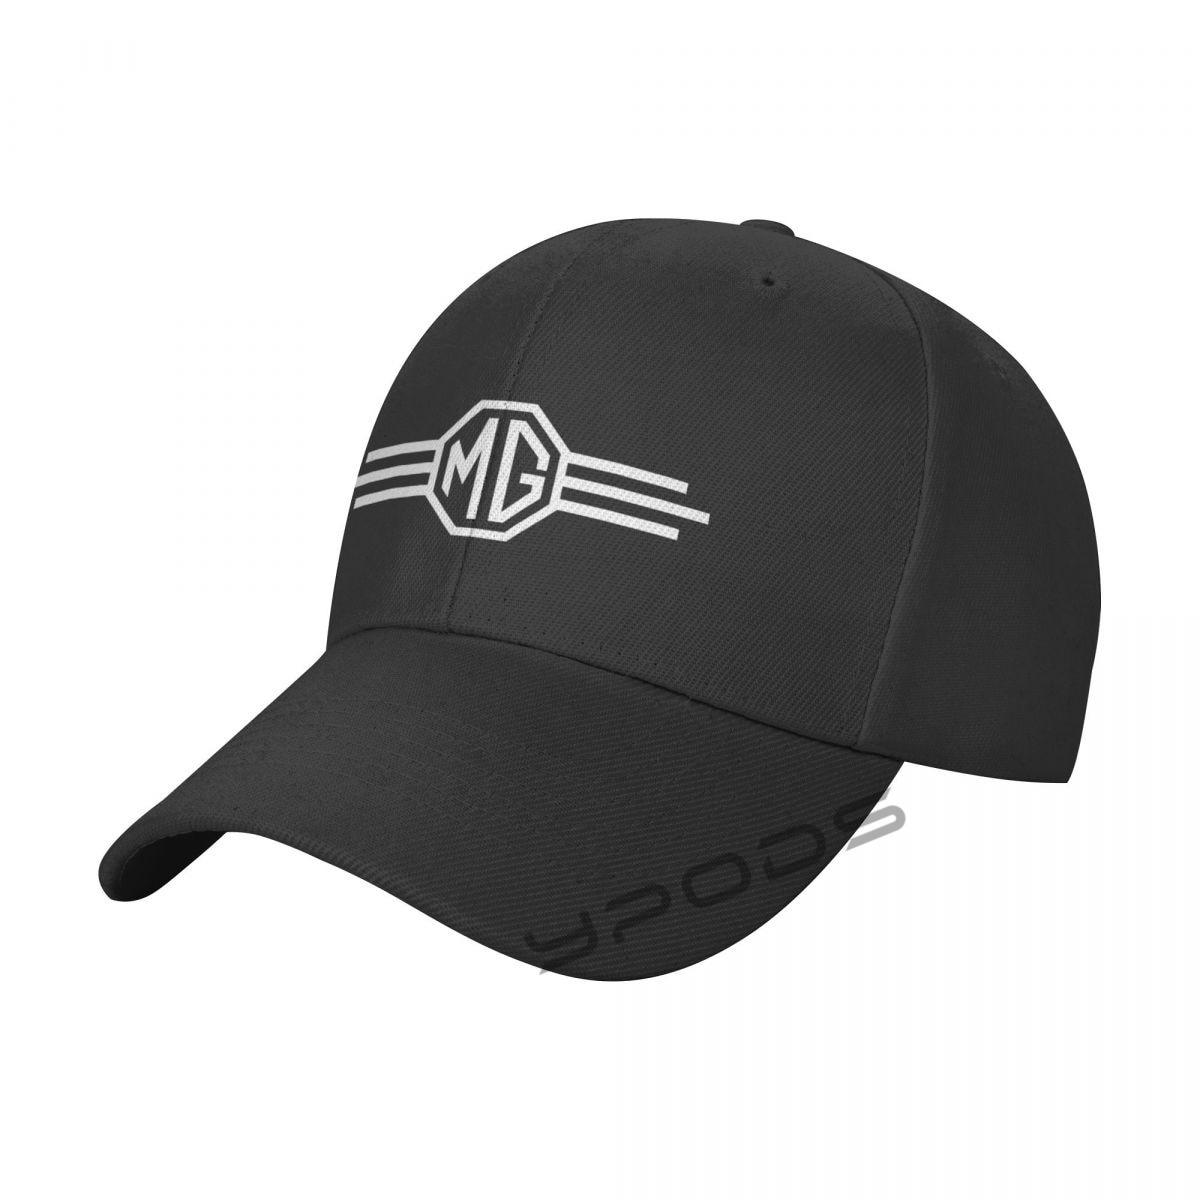 Мужская бейсболка с логотипом s Mg, женская и мужская летняя бейсболка, регулируемая уличная спортивная Солнцезащитная шапка